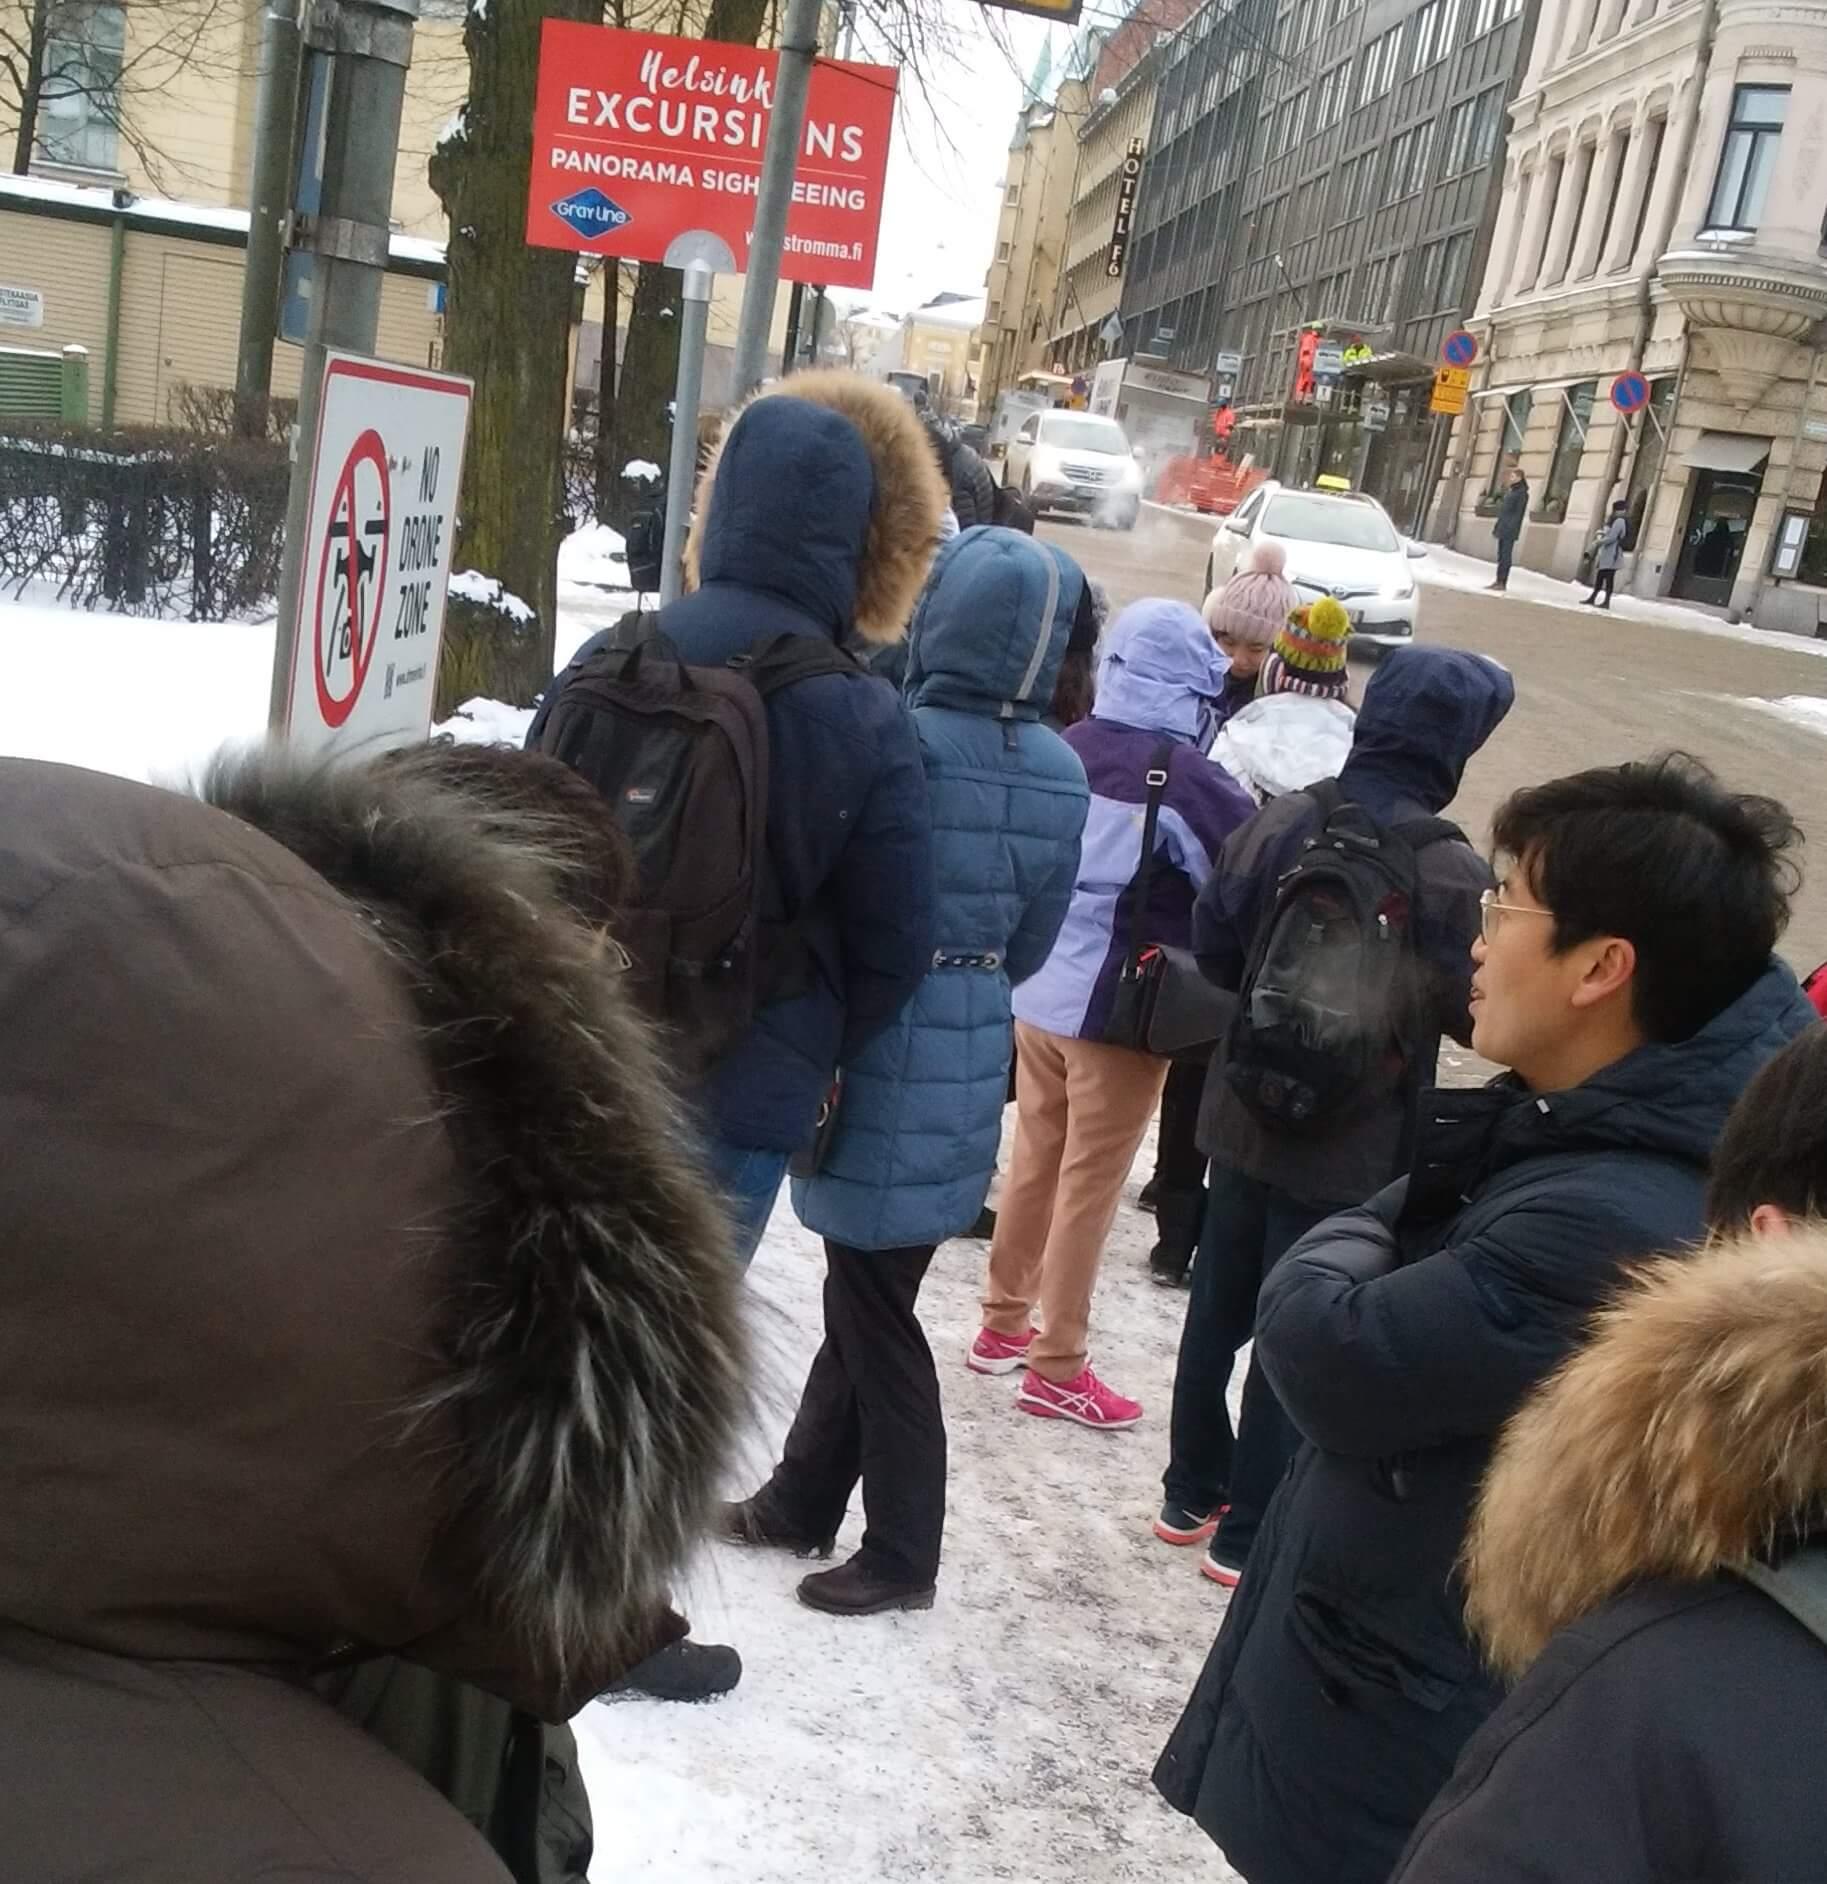 ヘルシンキ観光バスツアーに乗るため並ぶ観光客